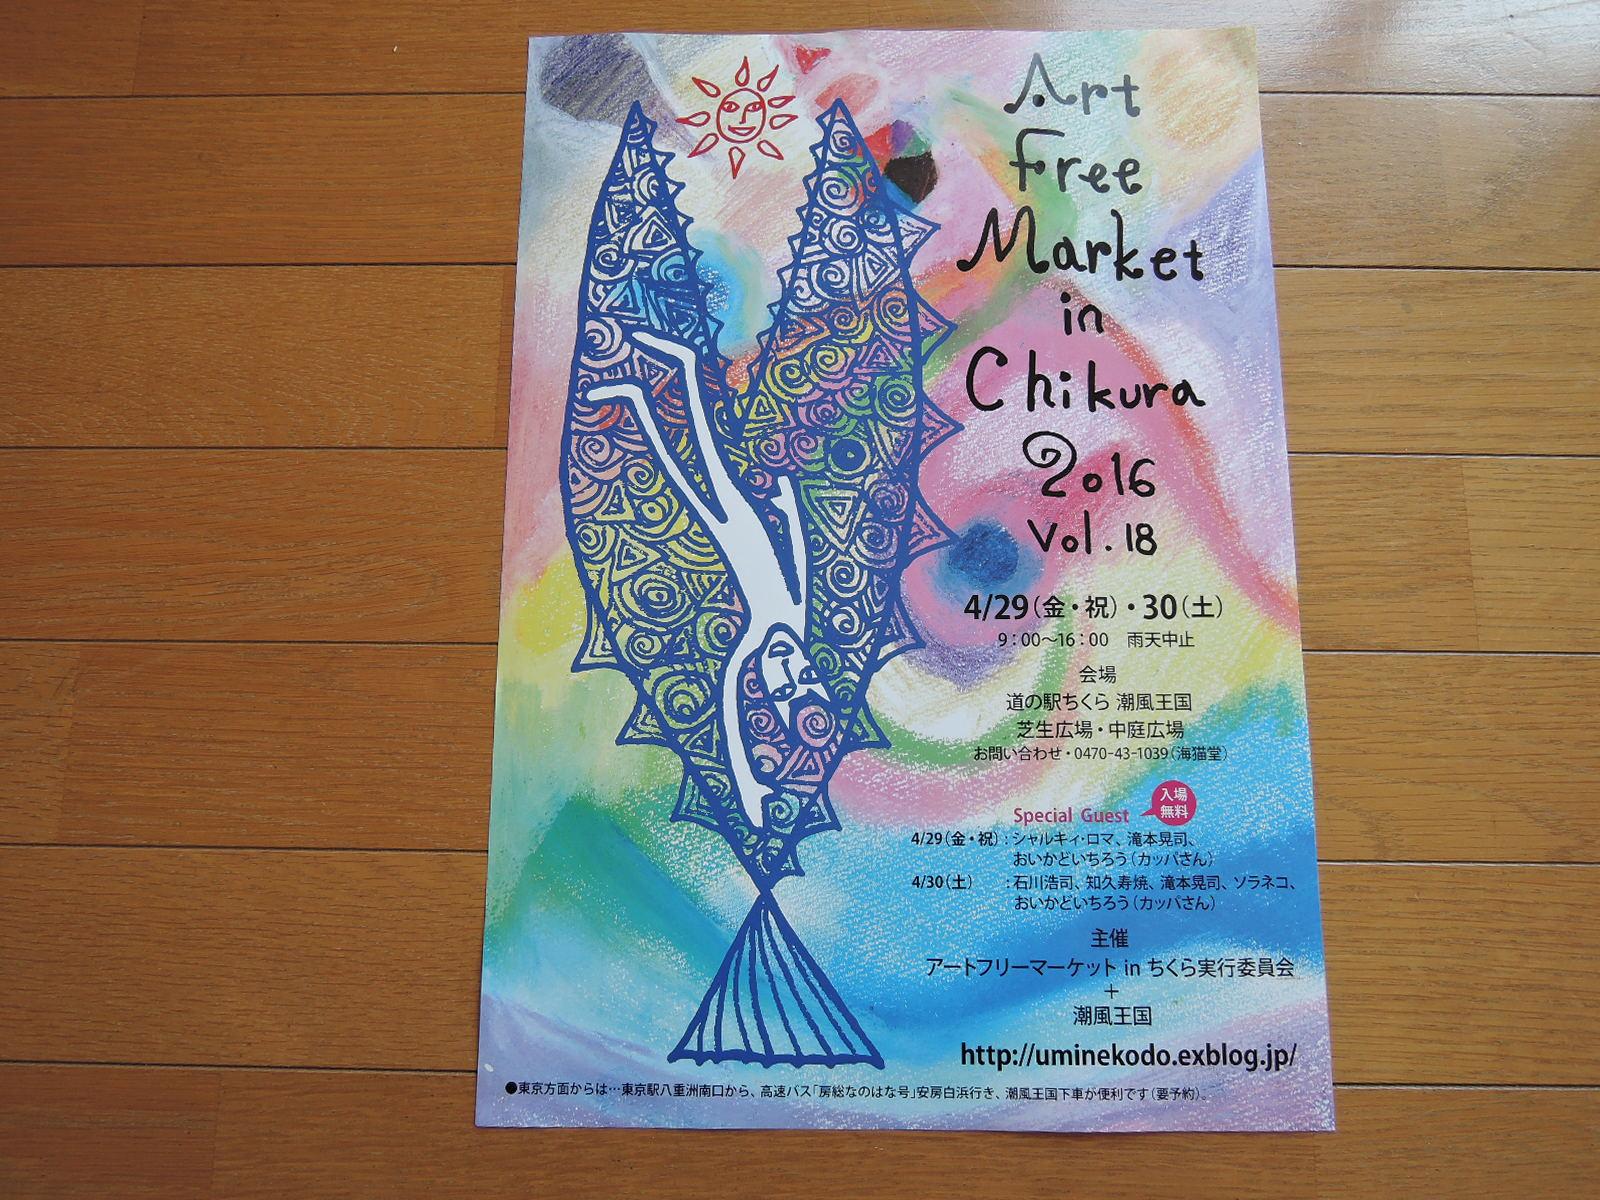 頂いて帰ってきたアートフリーマーケットinちくらのポスター